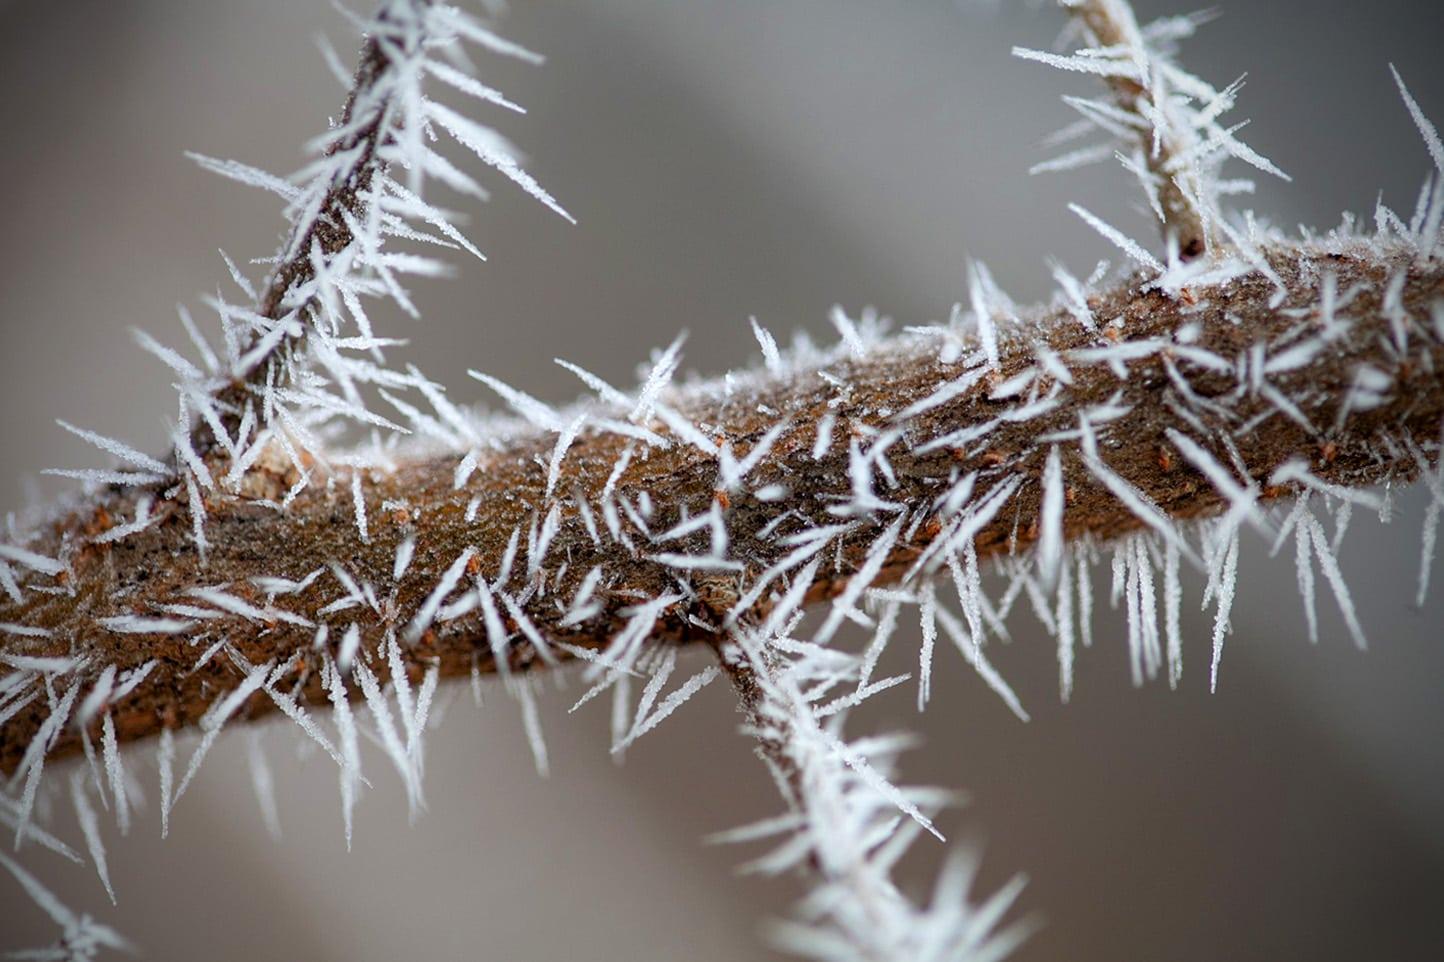 agujas de hielo